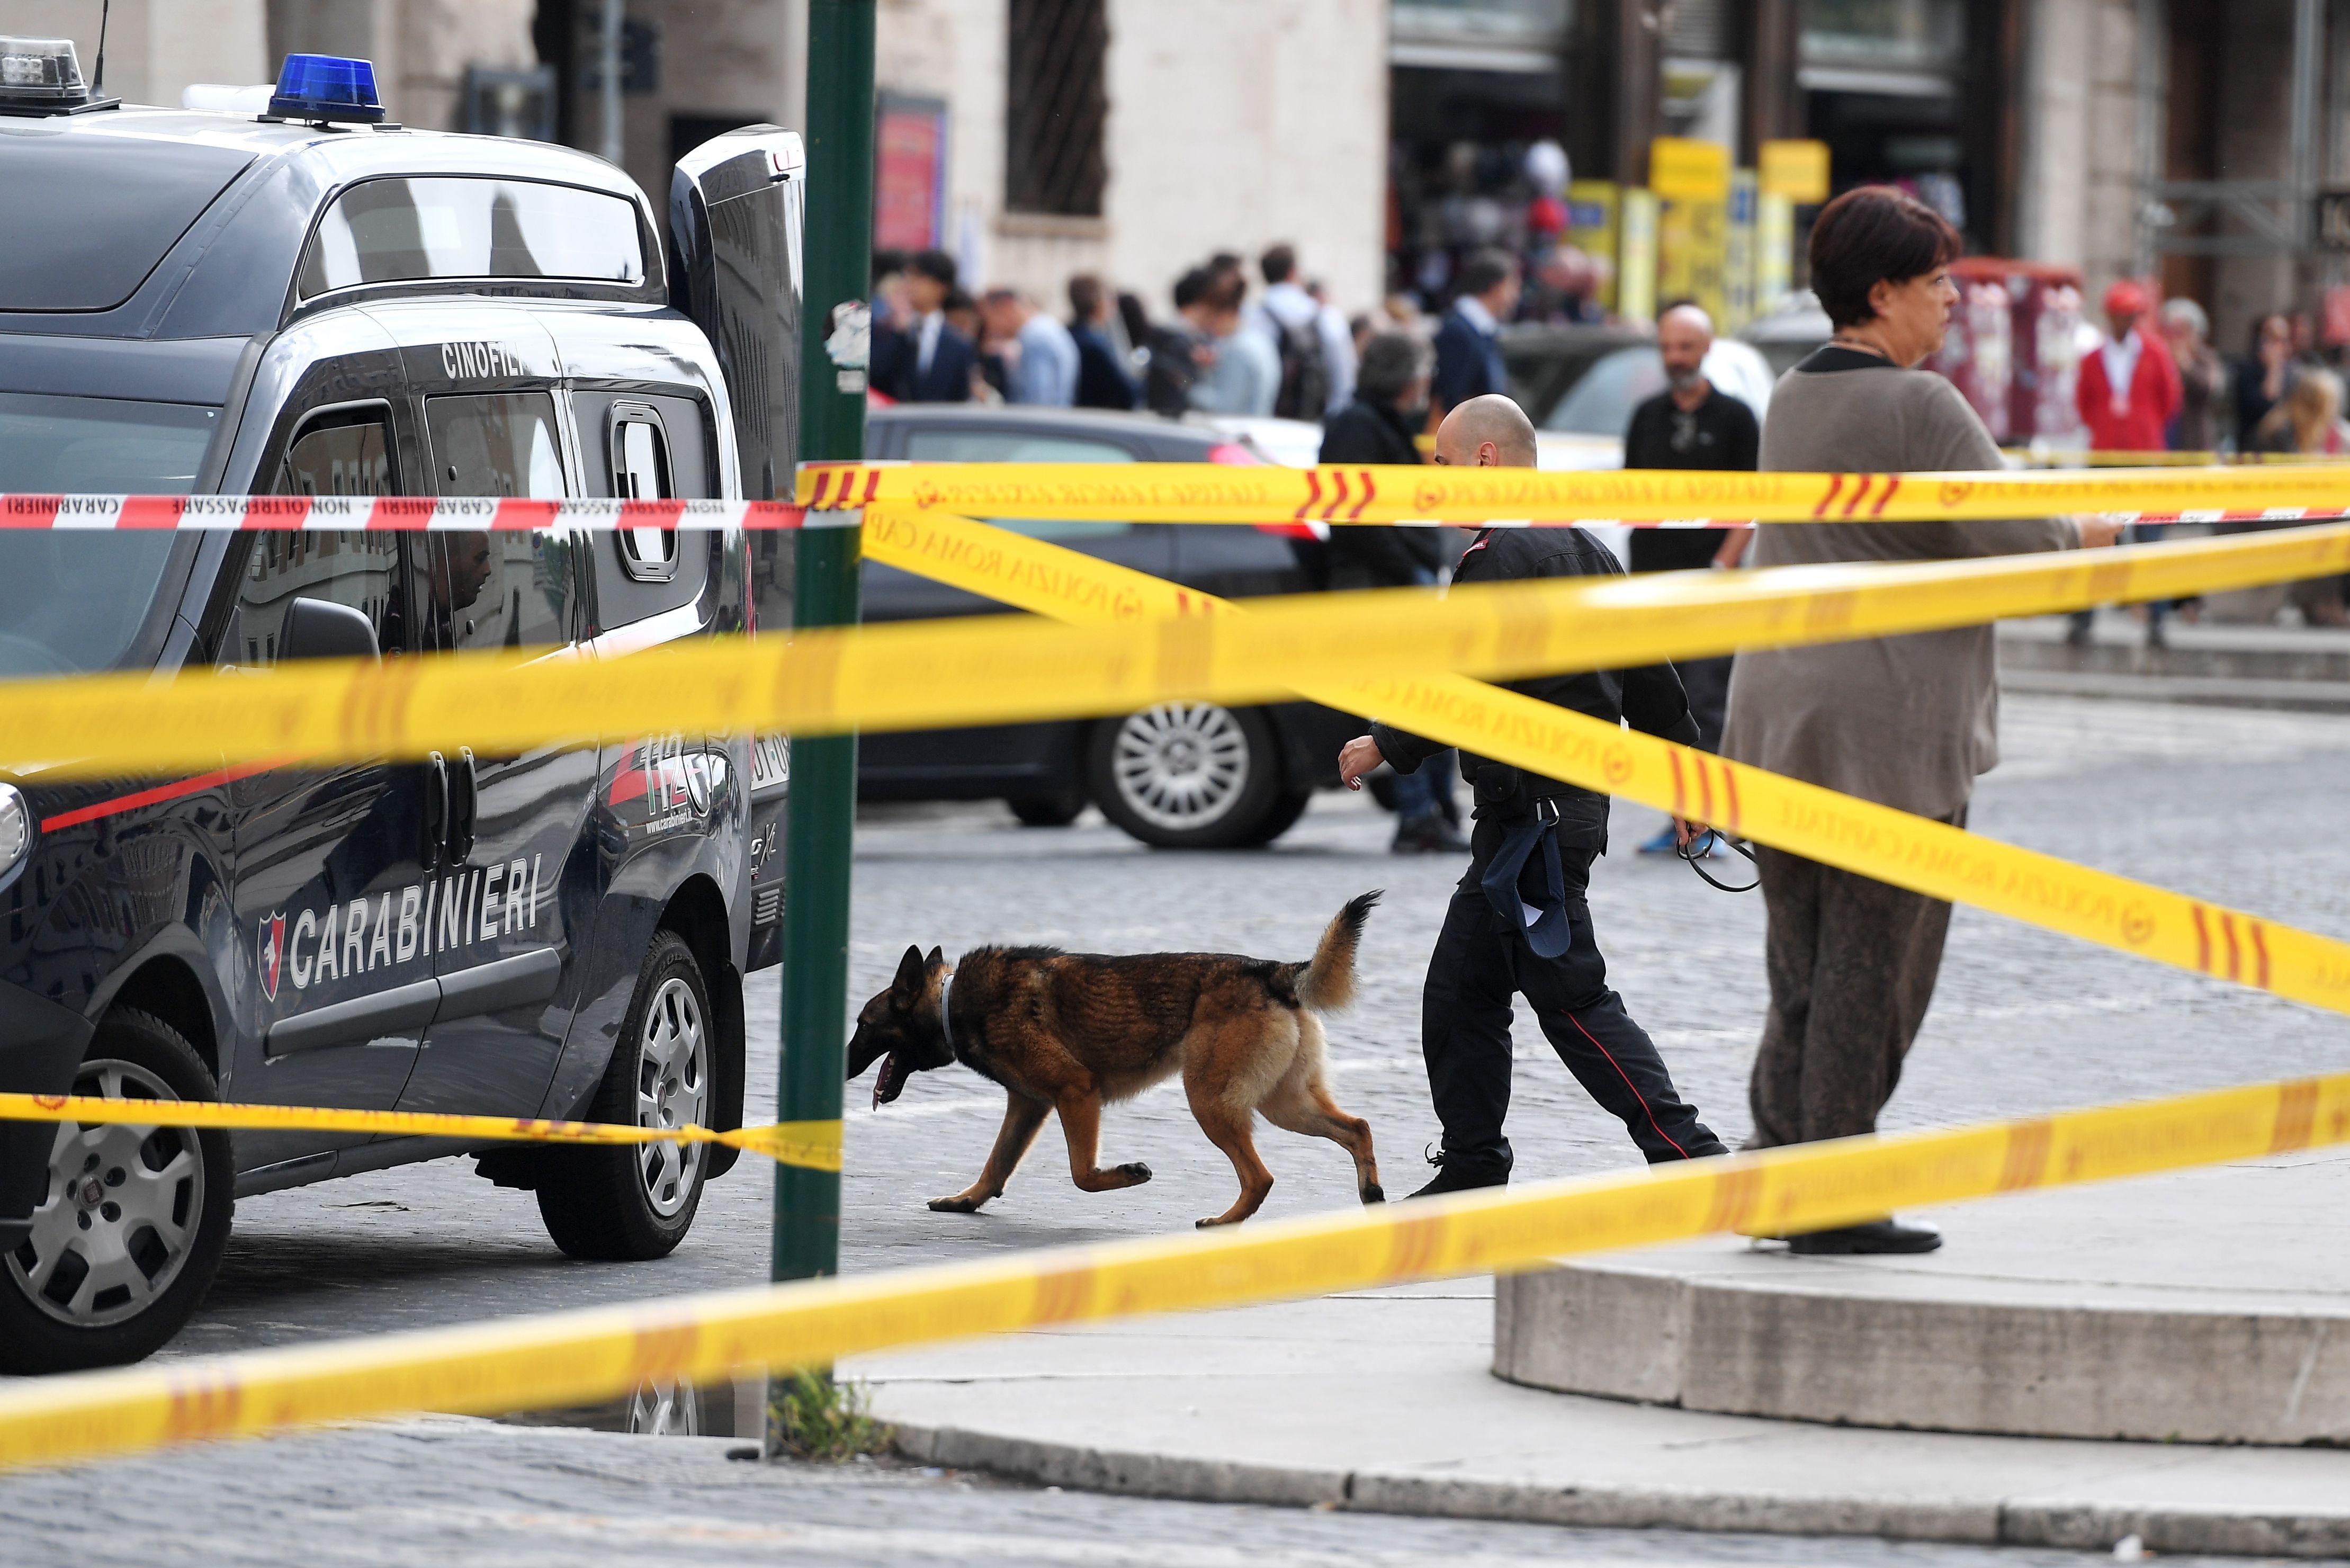 1204429-صور-انذار-قرب-الفاتيكان-بسبب-العثور-على-قنبلة-(10)